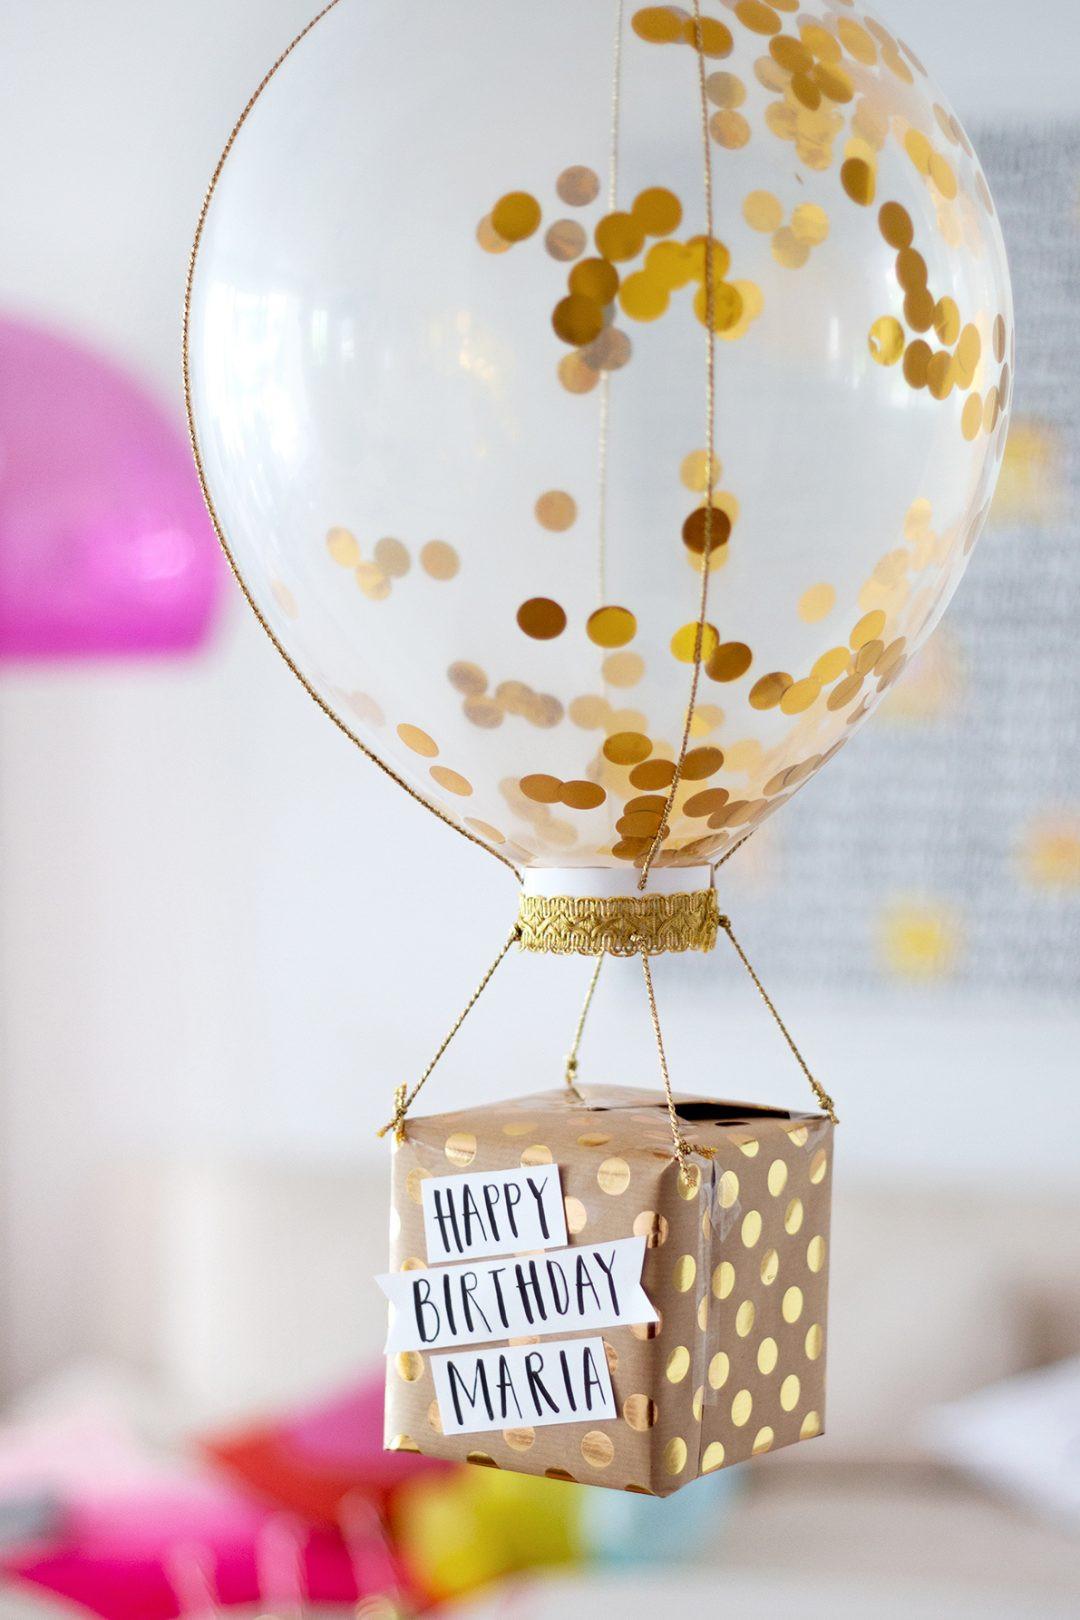 Geburtstagsgeschenke Diy  Geburtstagsgeschenke selber machen Drei DIY Ideen •